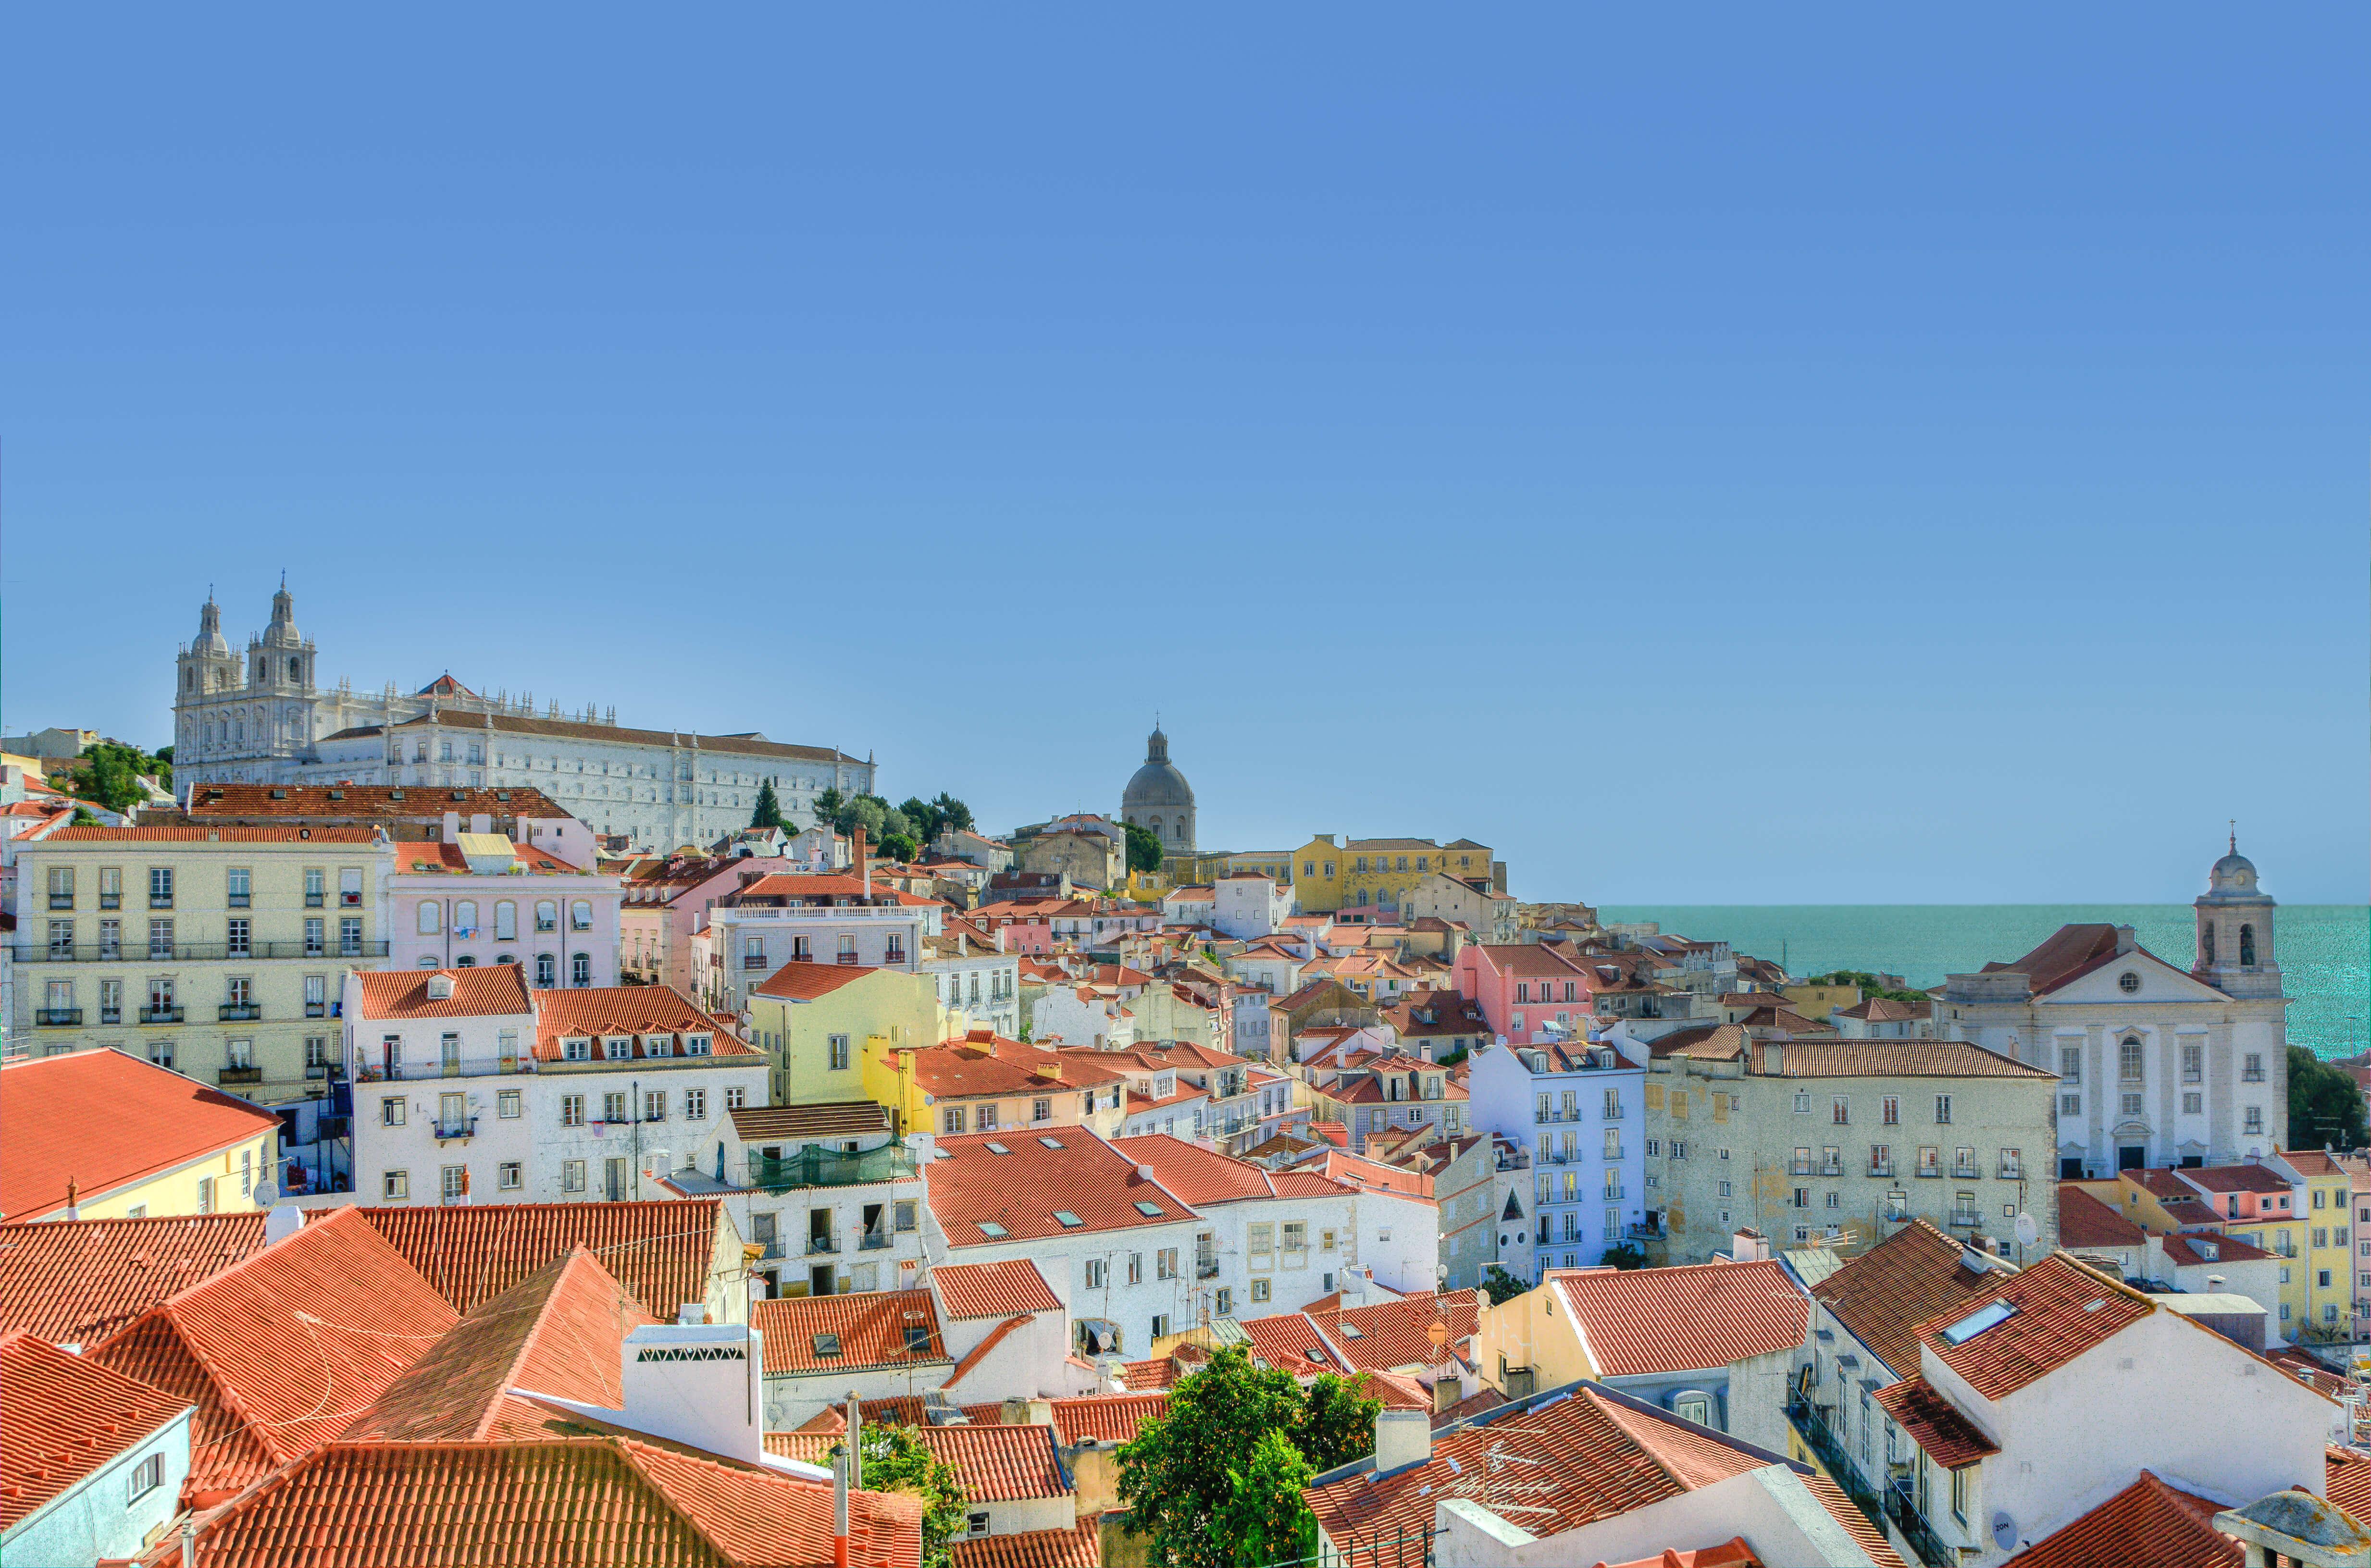 Un beau soleil d'hiver sur Lisbonne